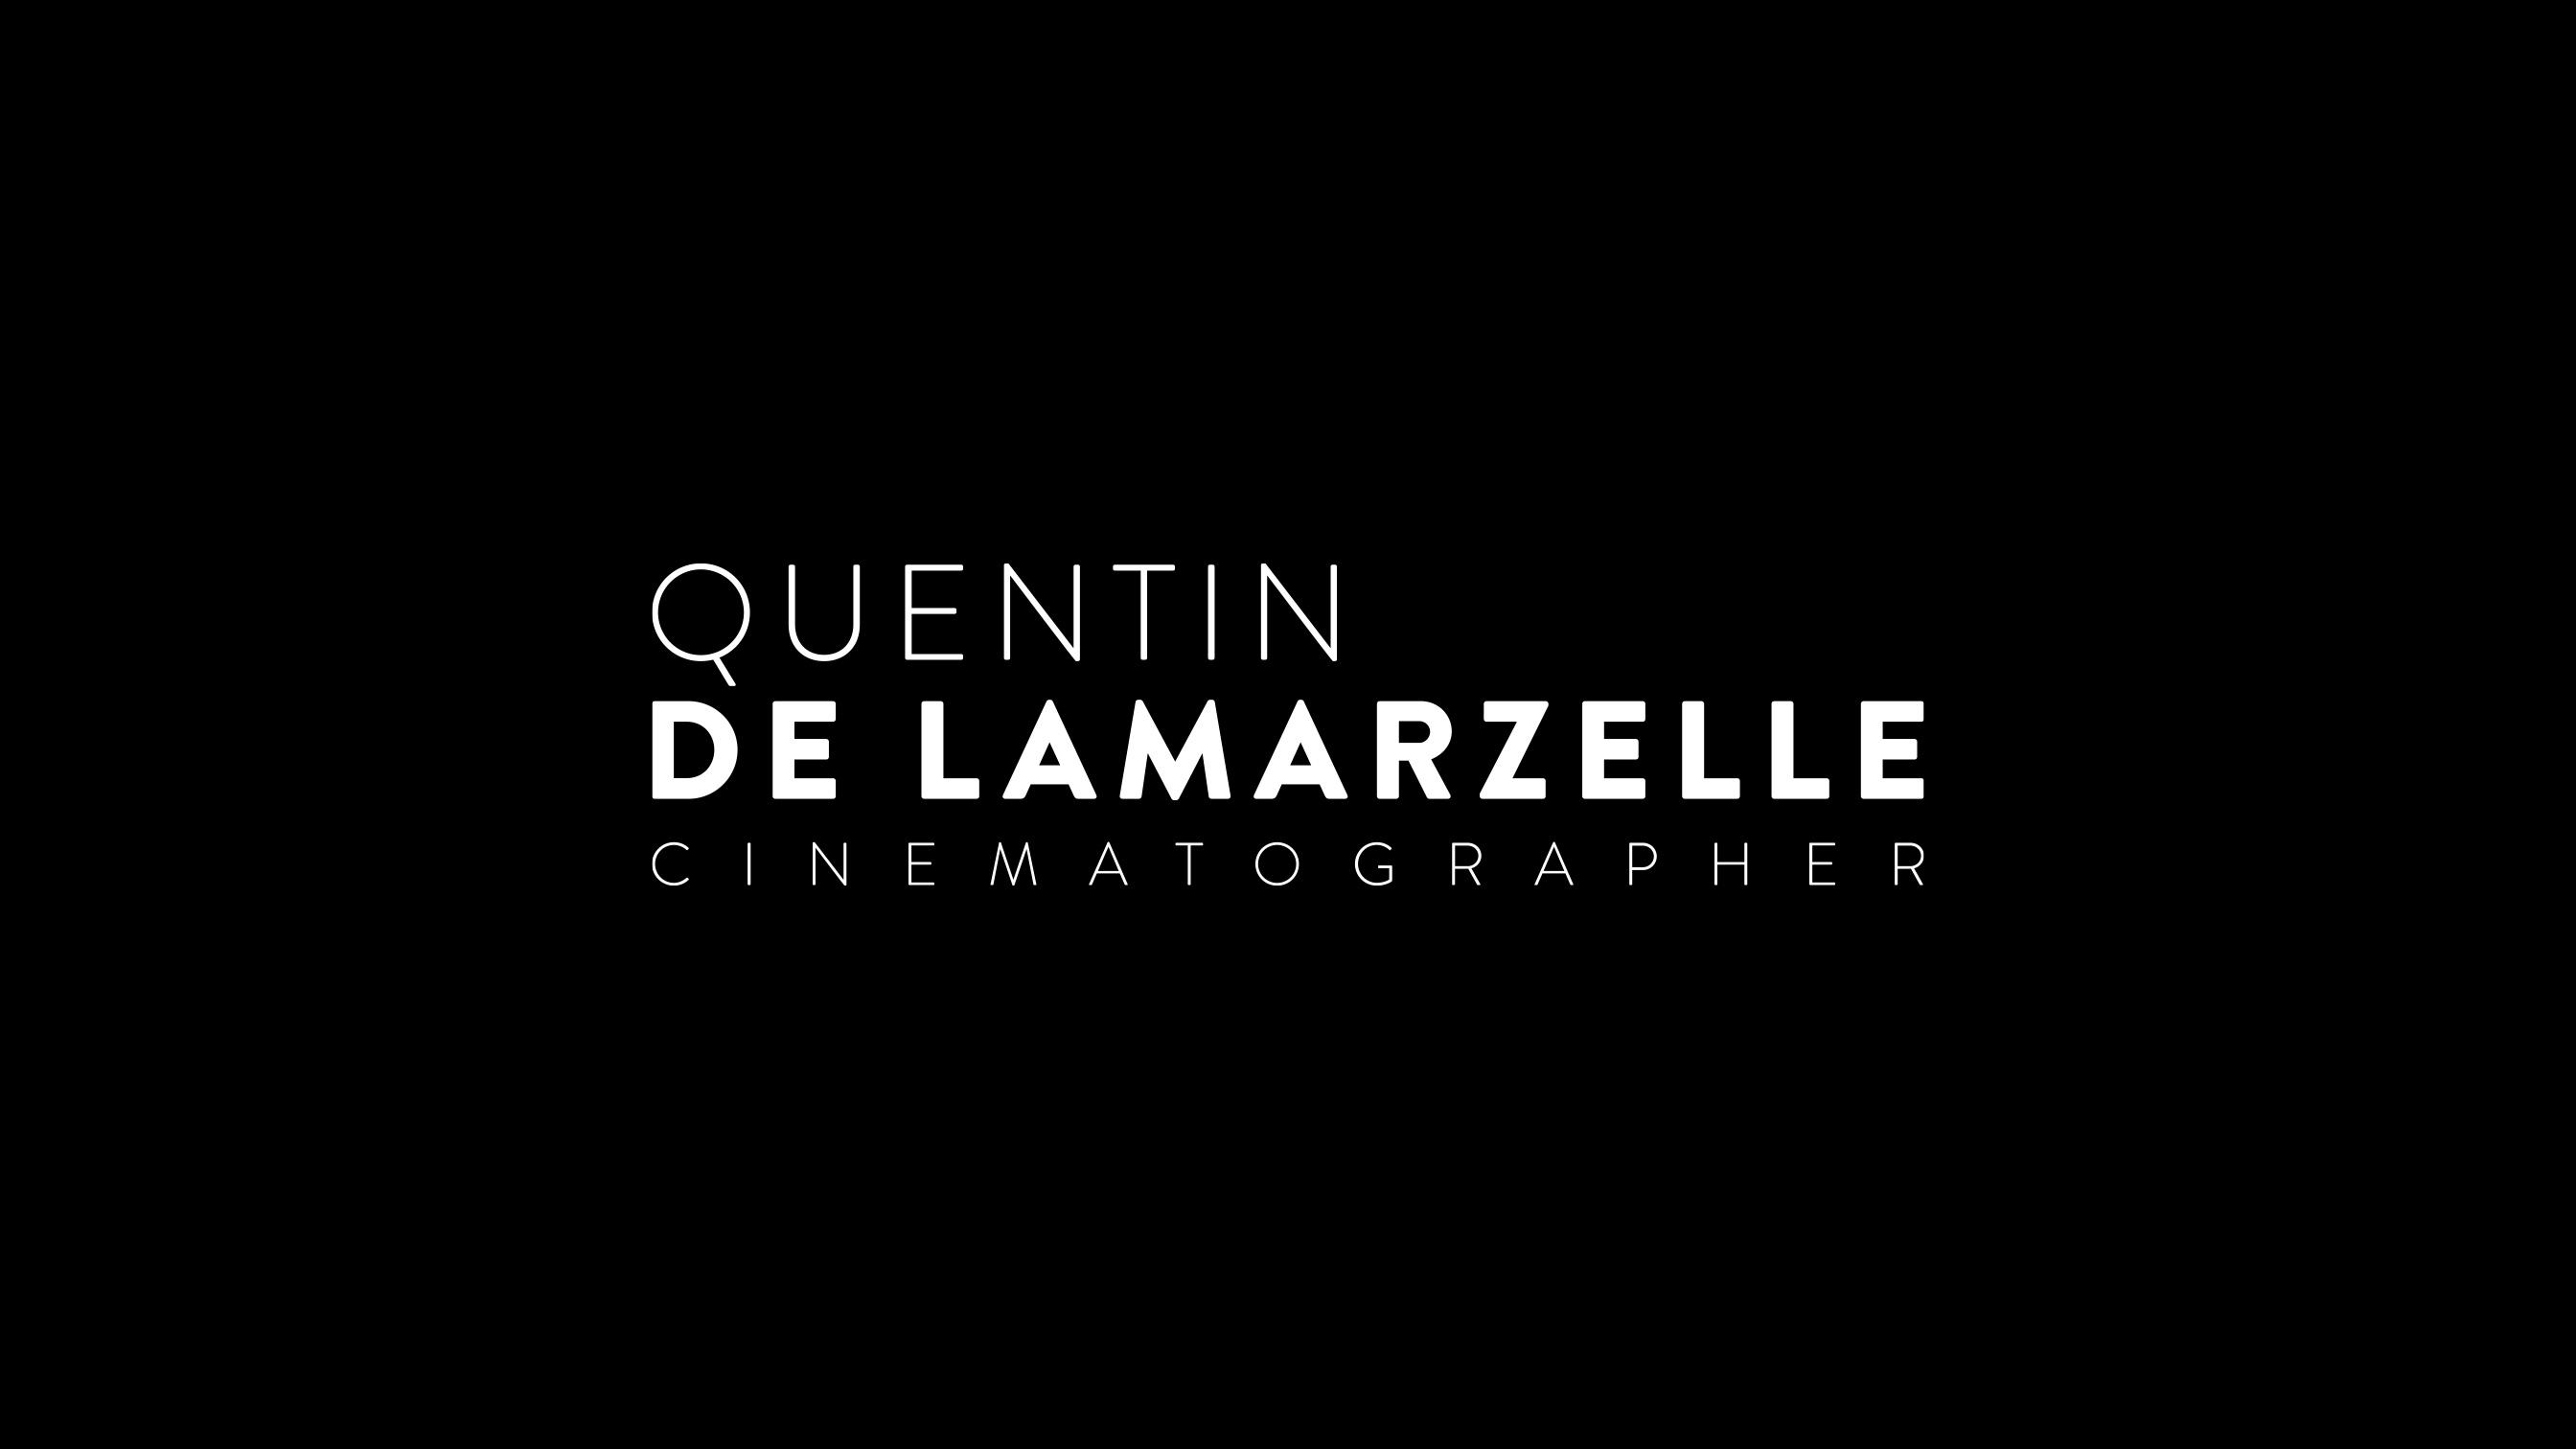 01-quentin-de-lamarzelle-pikteo-webdesign-graphic-design-freelance-paris-bruxelles-londres